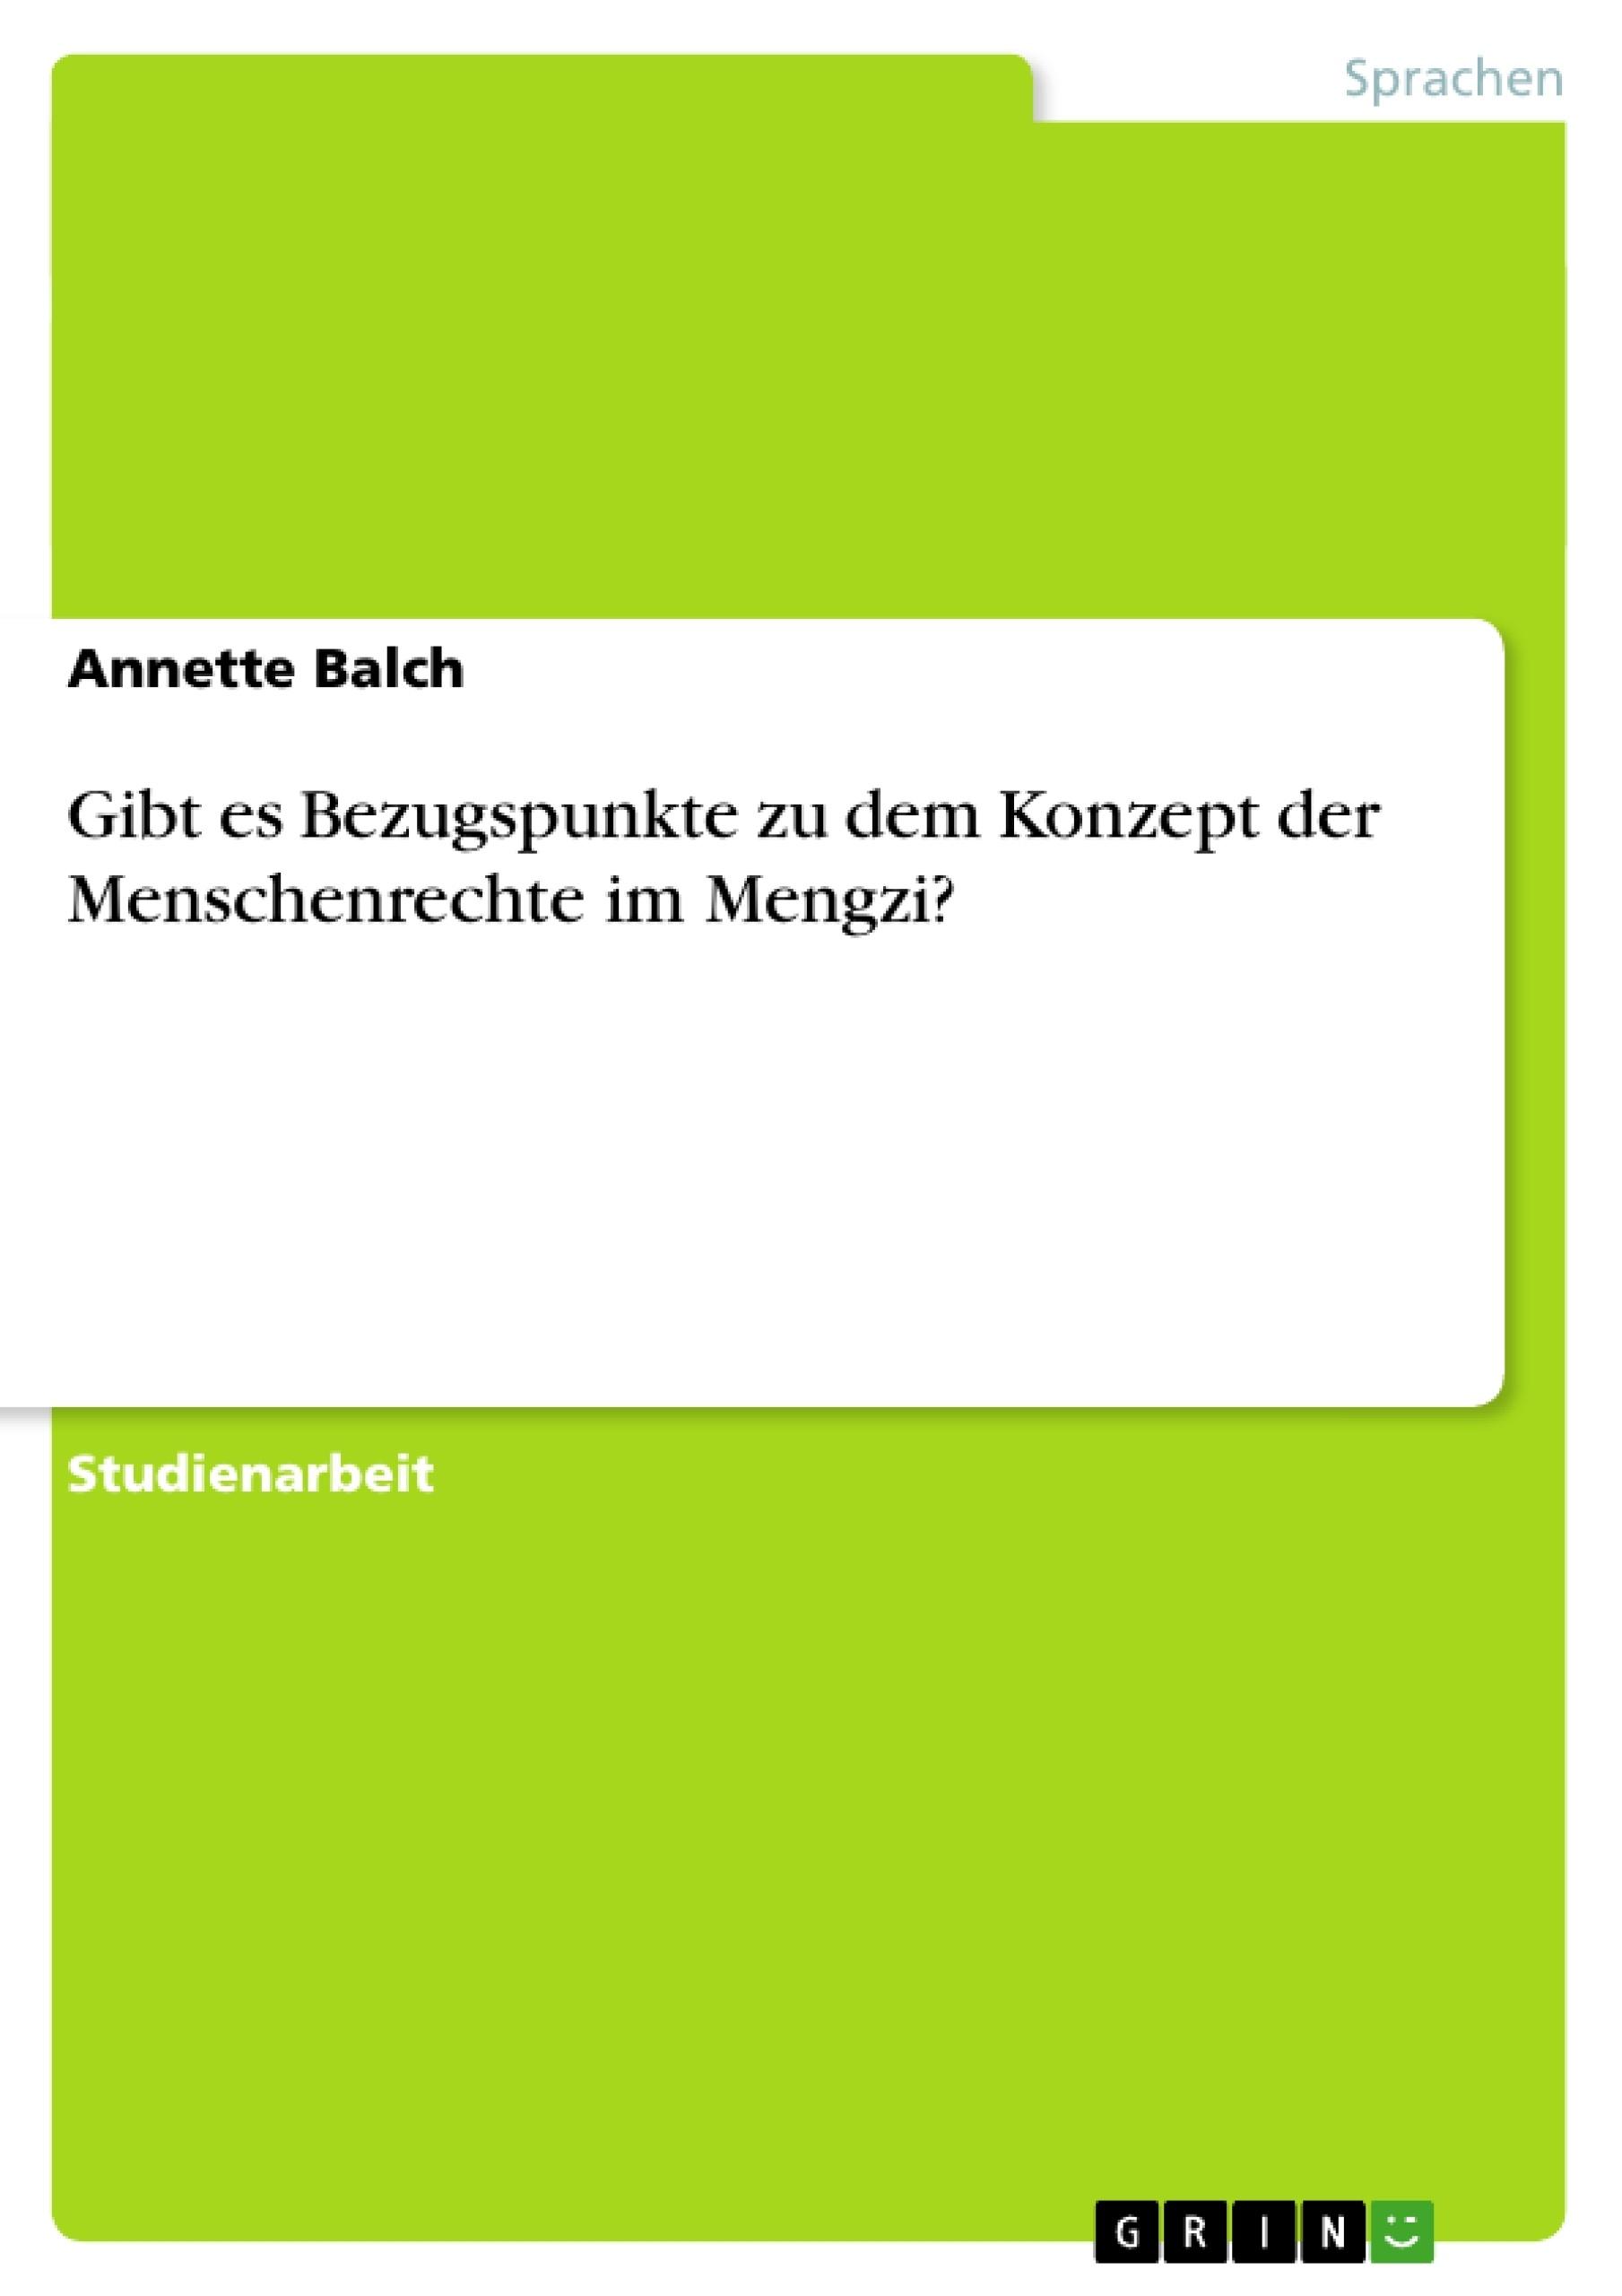 Titel: Gibt es Bezugspunkte zu dem Konzept der Menschenrechte im Mengzi?